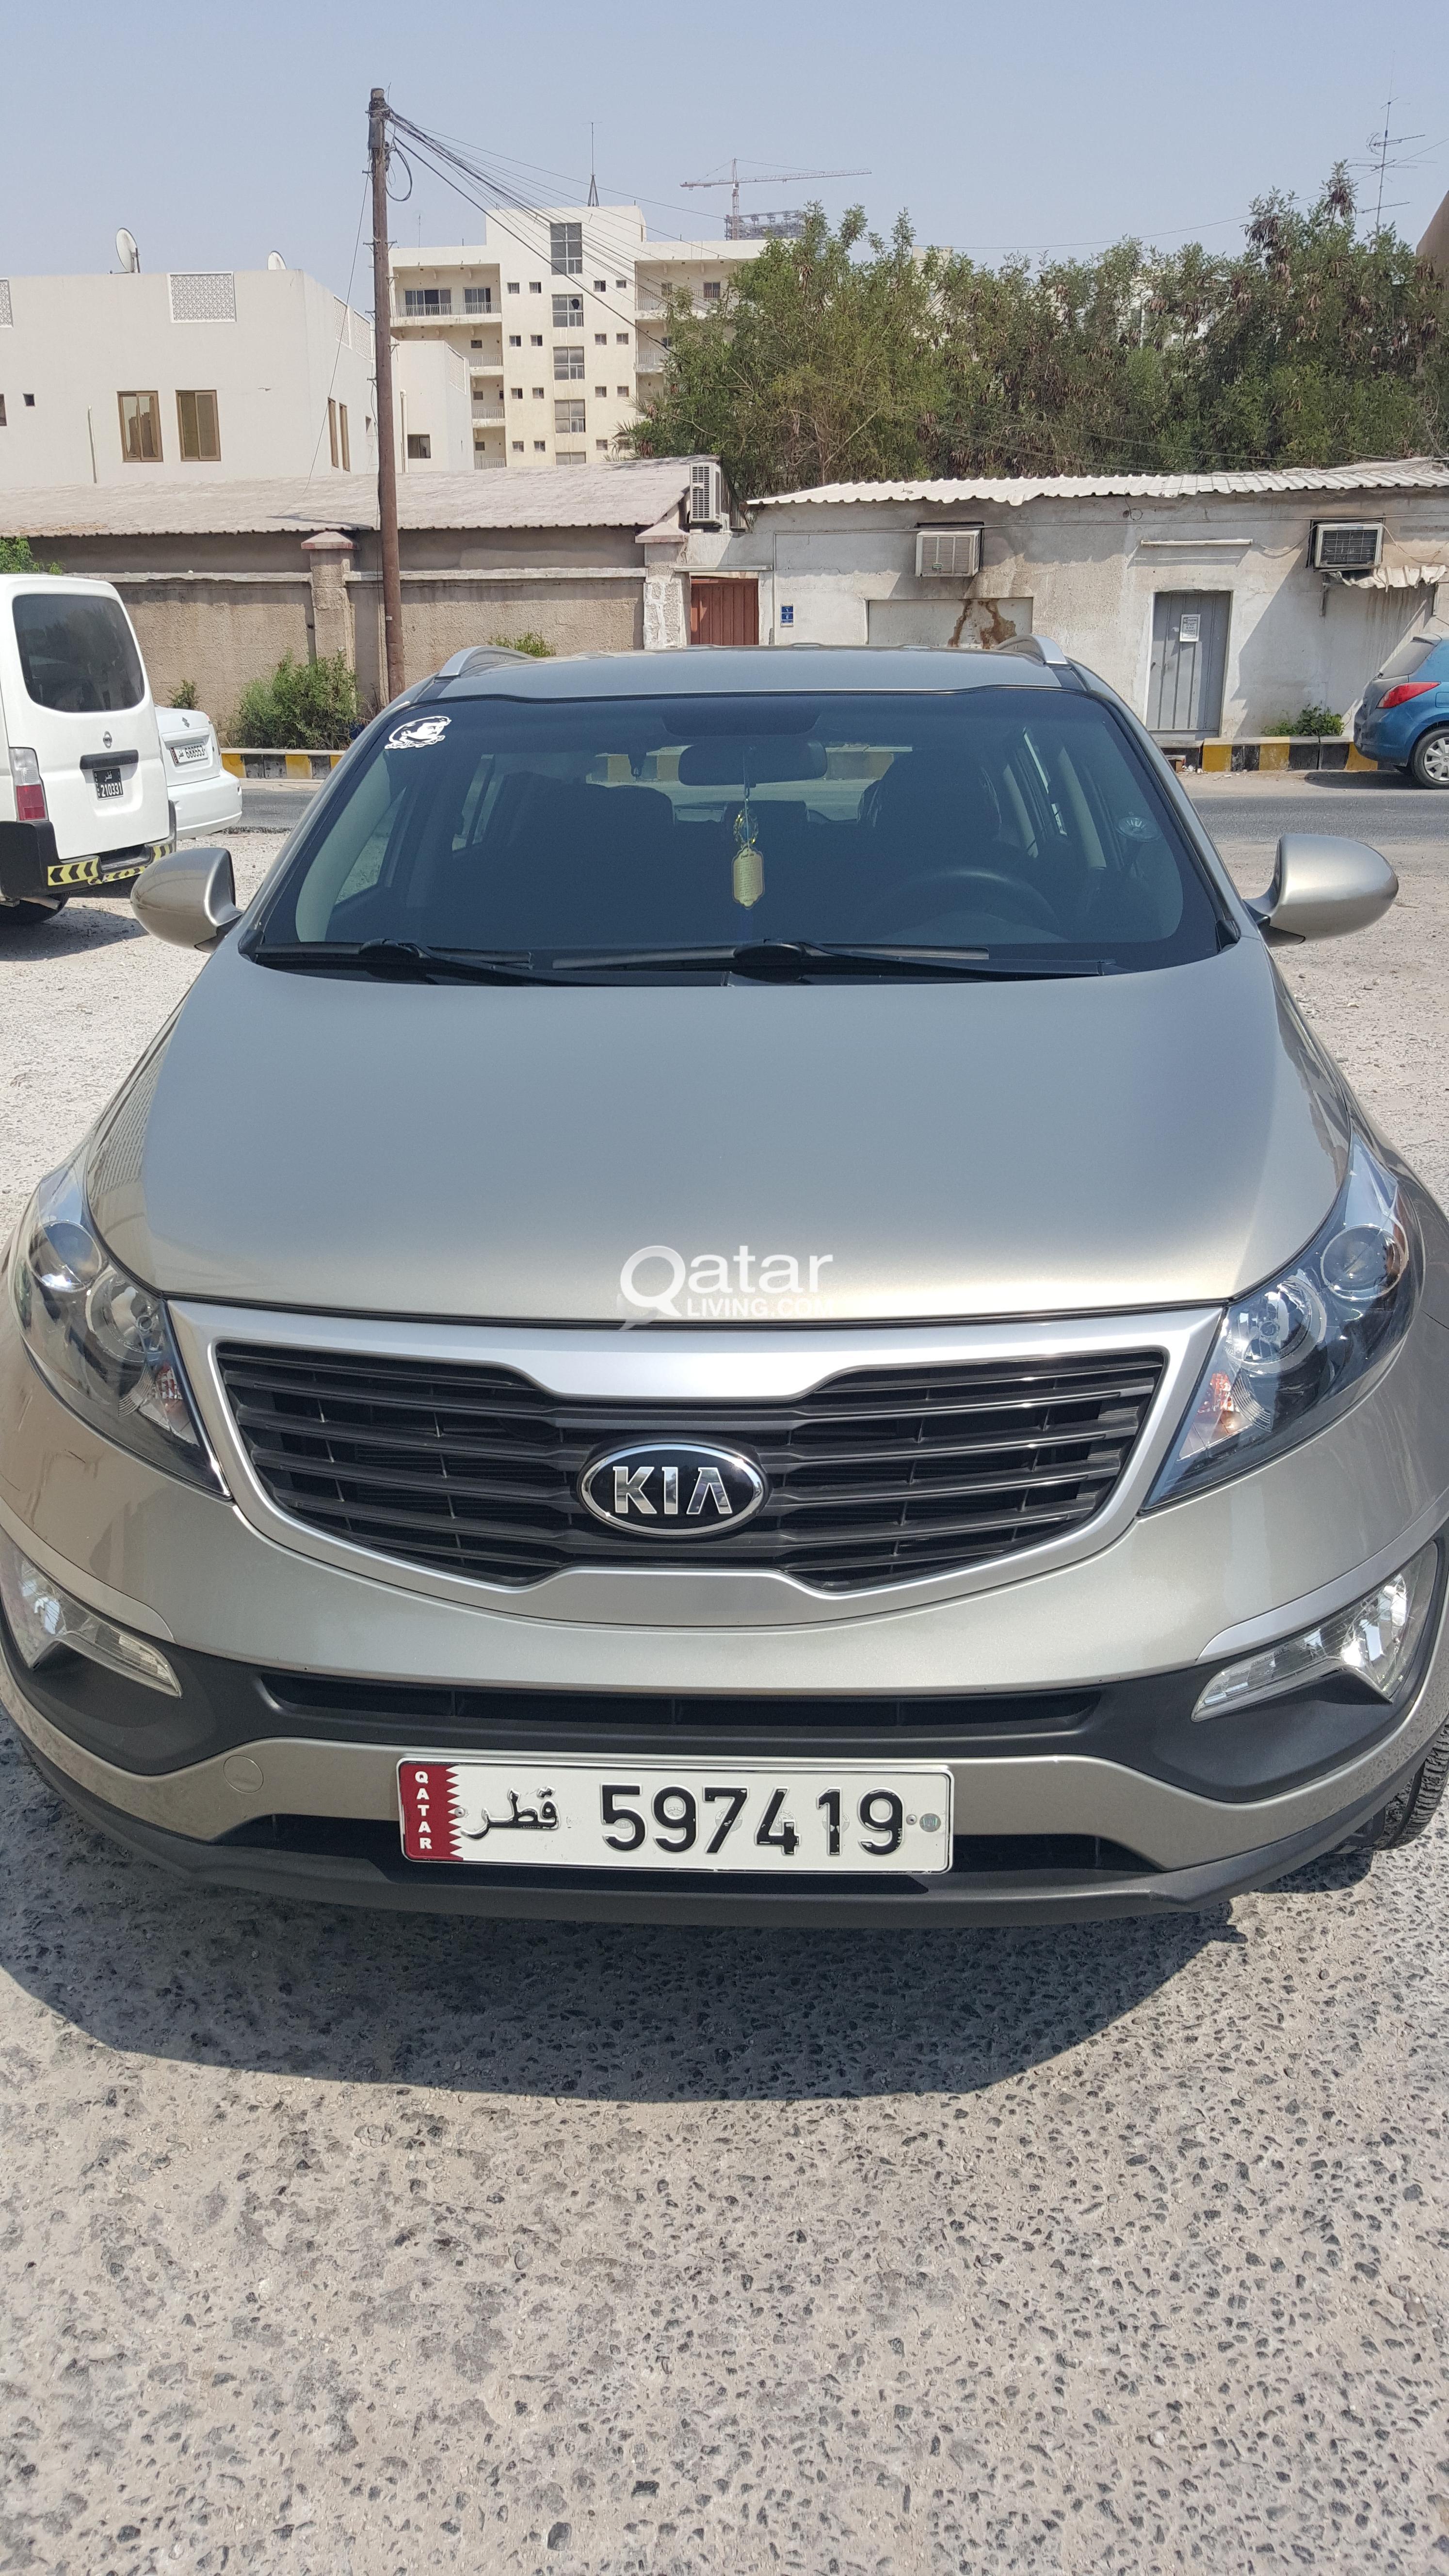 מתקדם Kia Sportage 2014 Low Mileage | Qatar Living JU-81